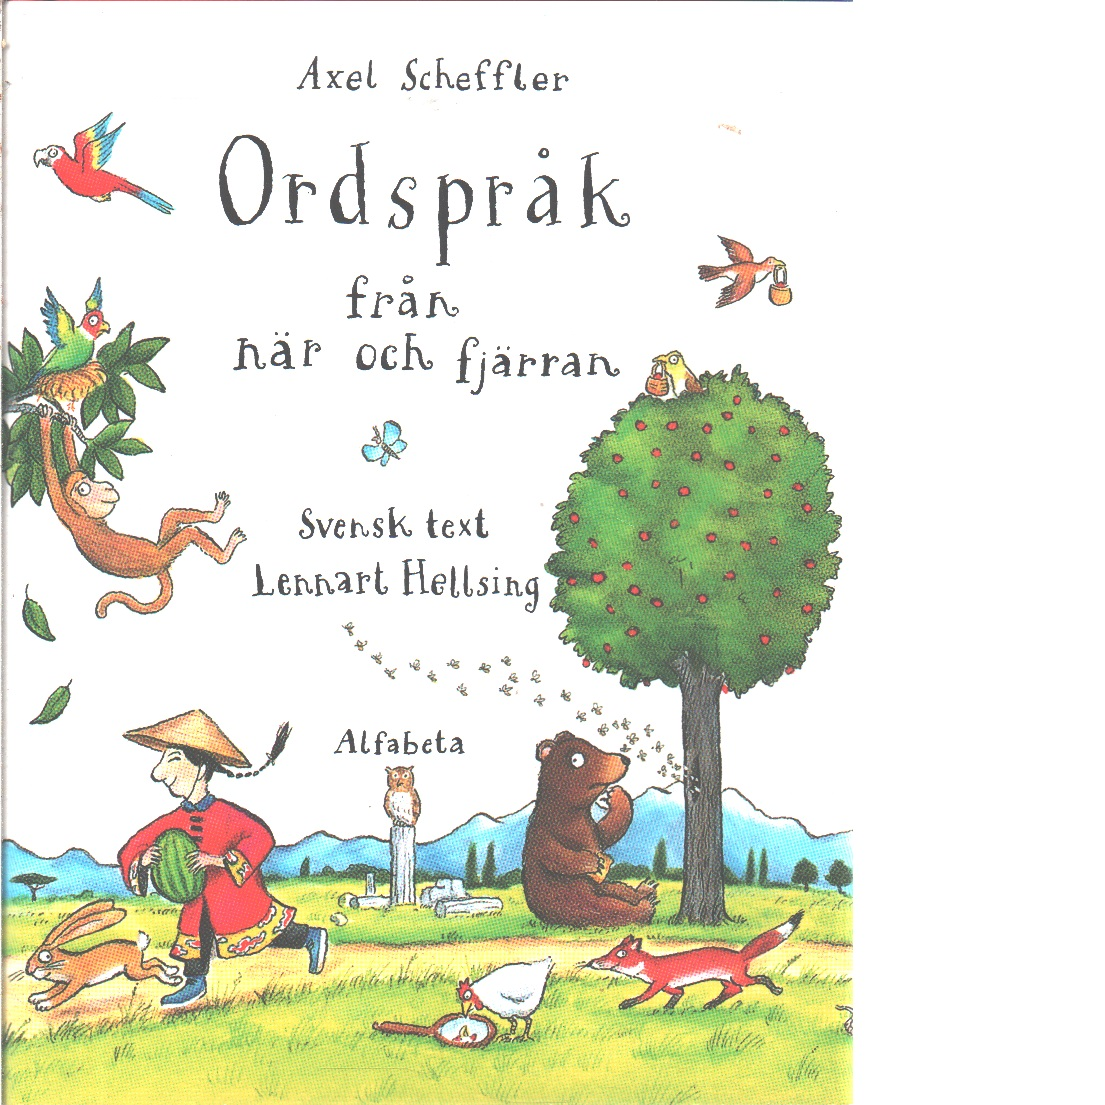 Ordspråk från när och fjärran - Scheffler, Axel